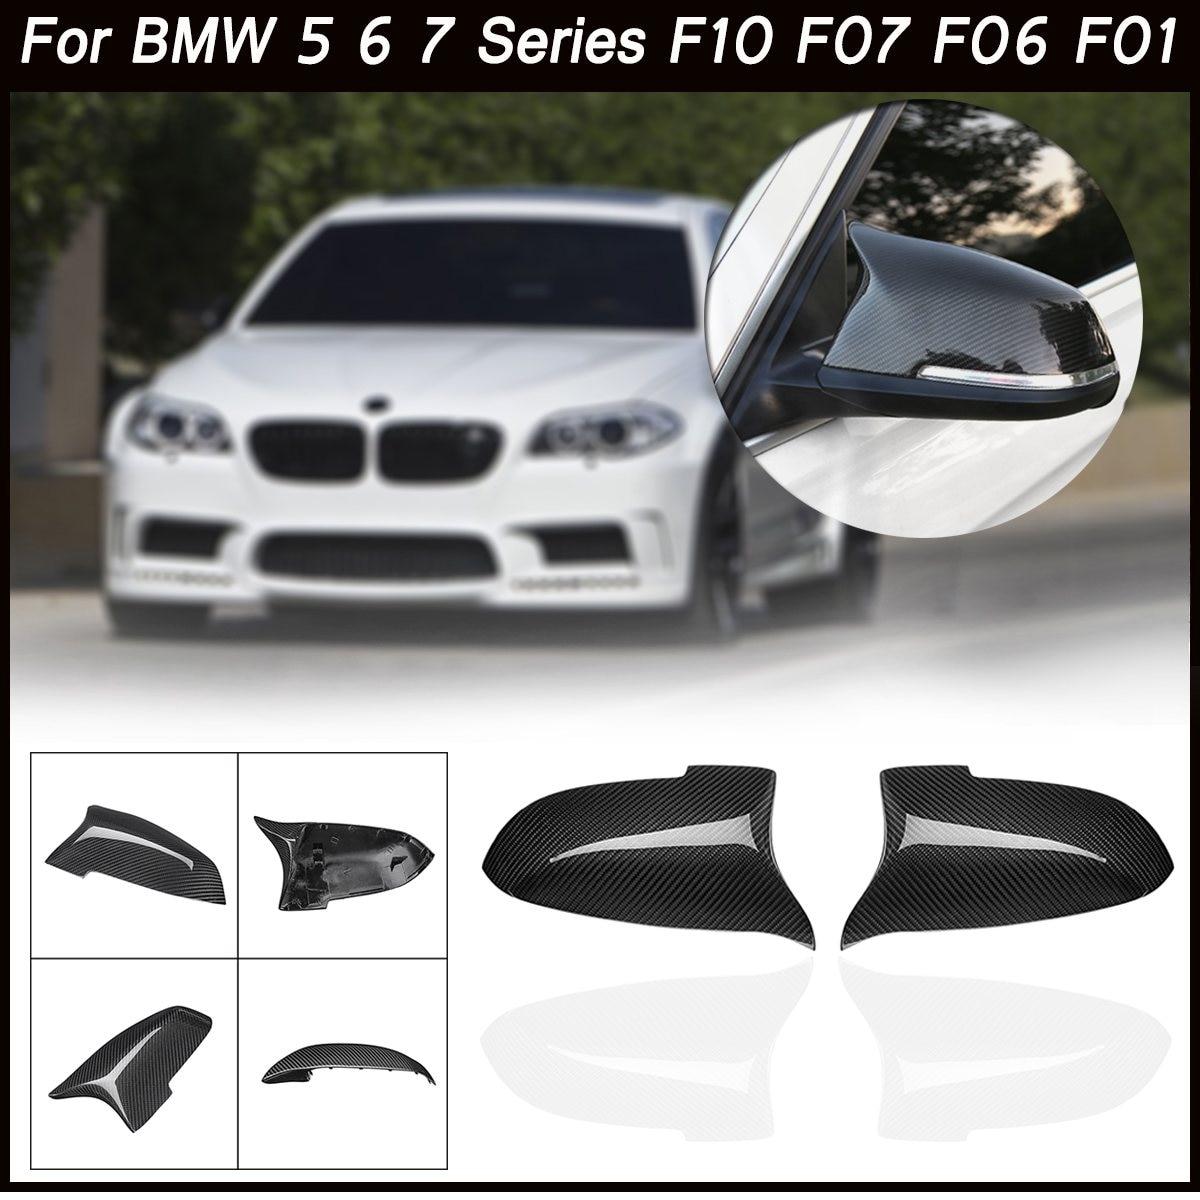 Крышка В виде ракушки для BMW 5 6 7 серии F10 F07 F06 F01 реальные углеродного Волокно двери стороны посмотреть заднего вида крышка Зеркало Замена шап...